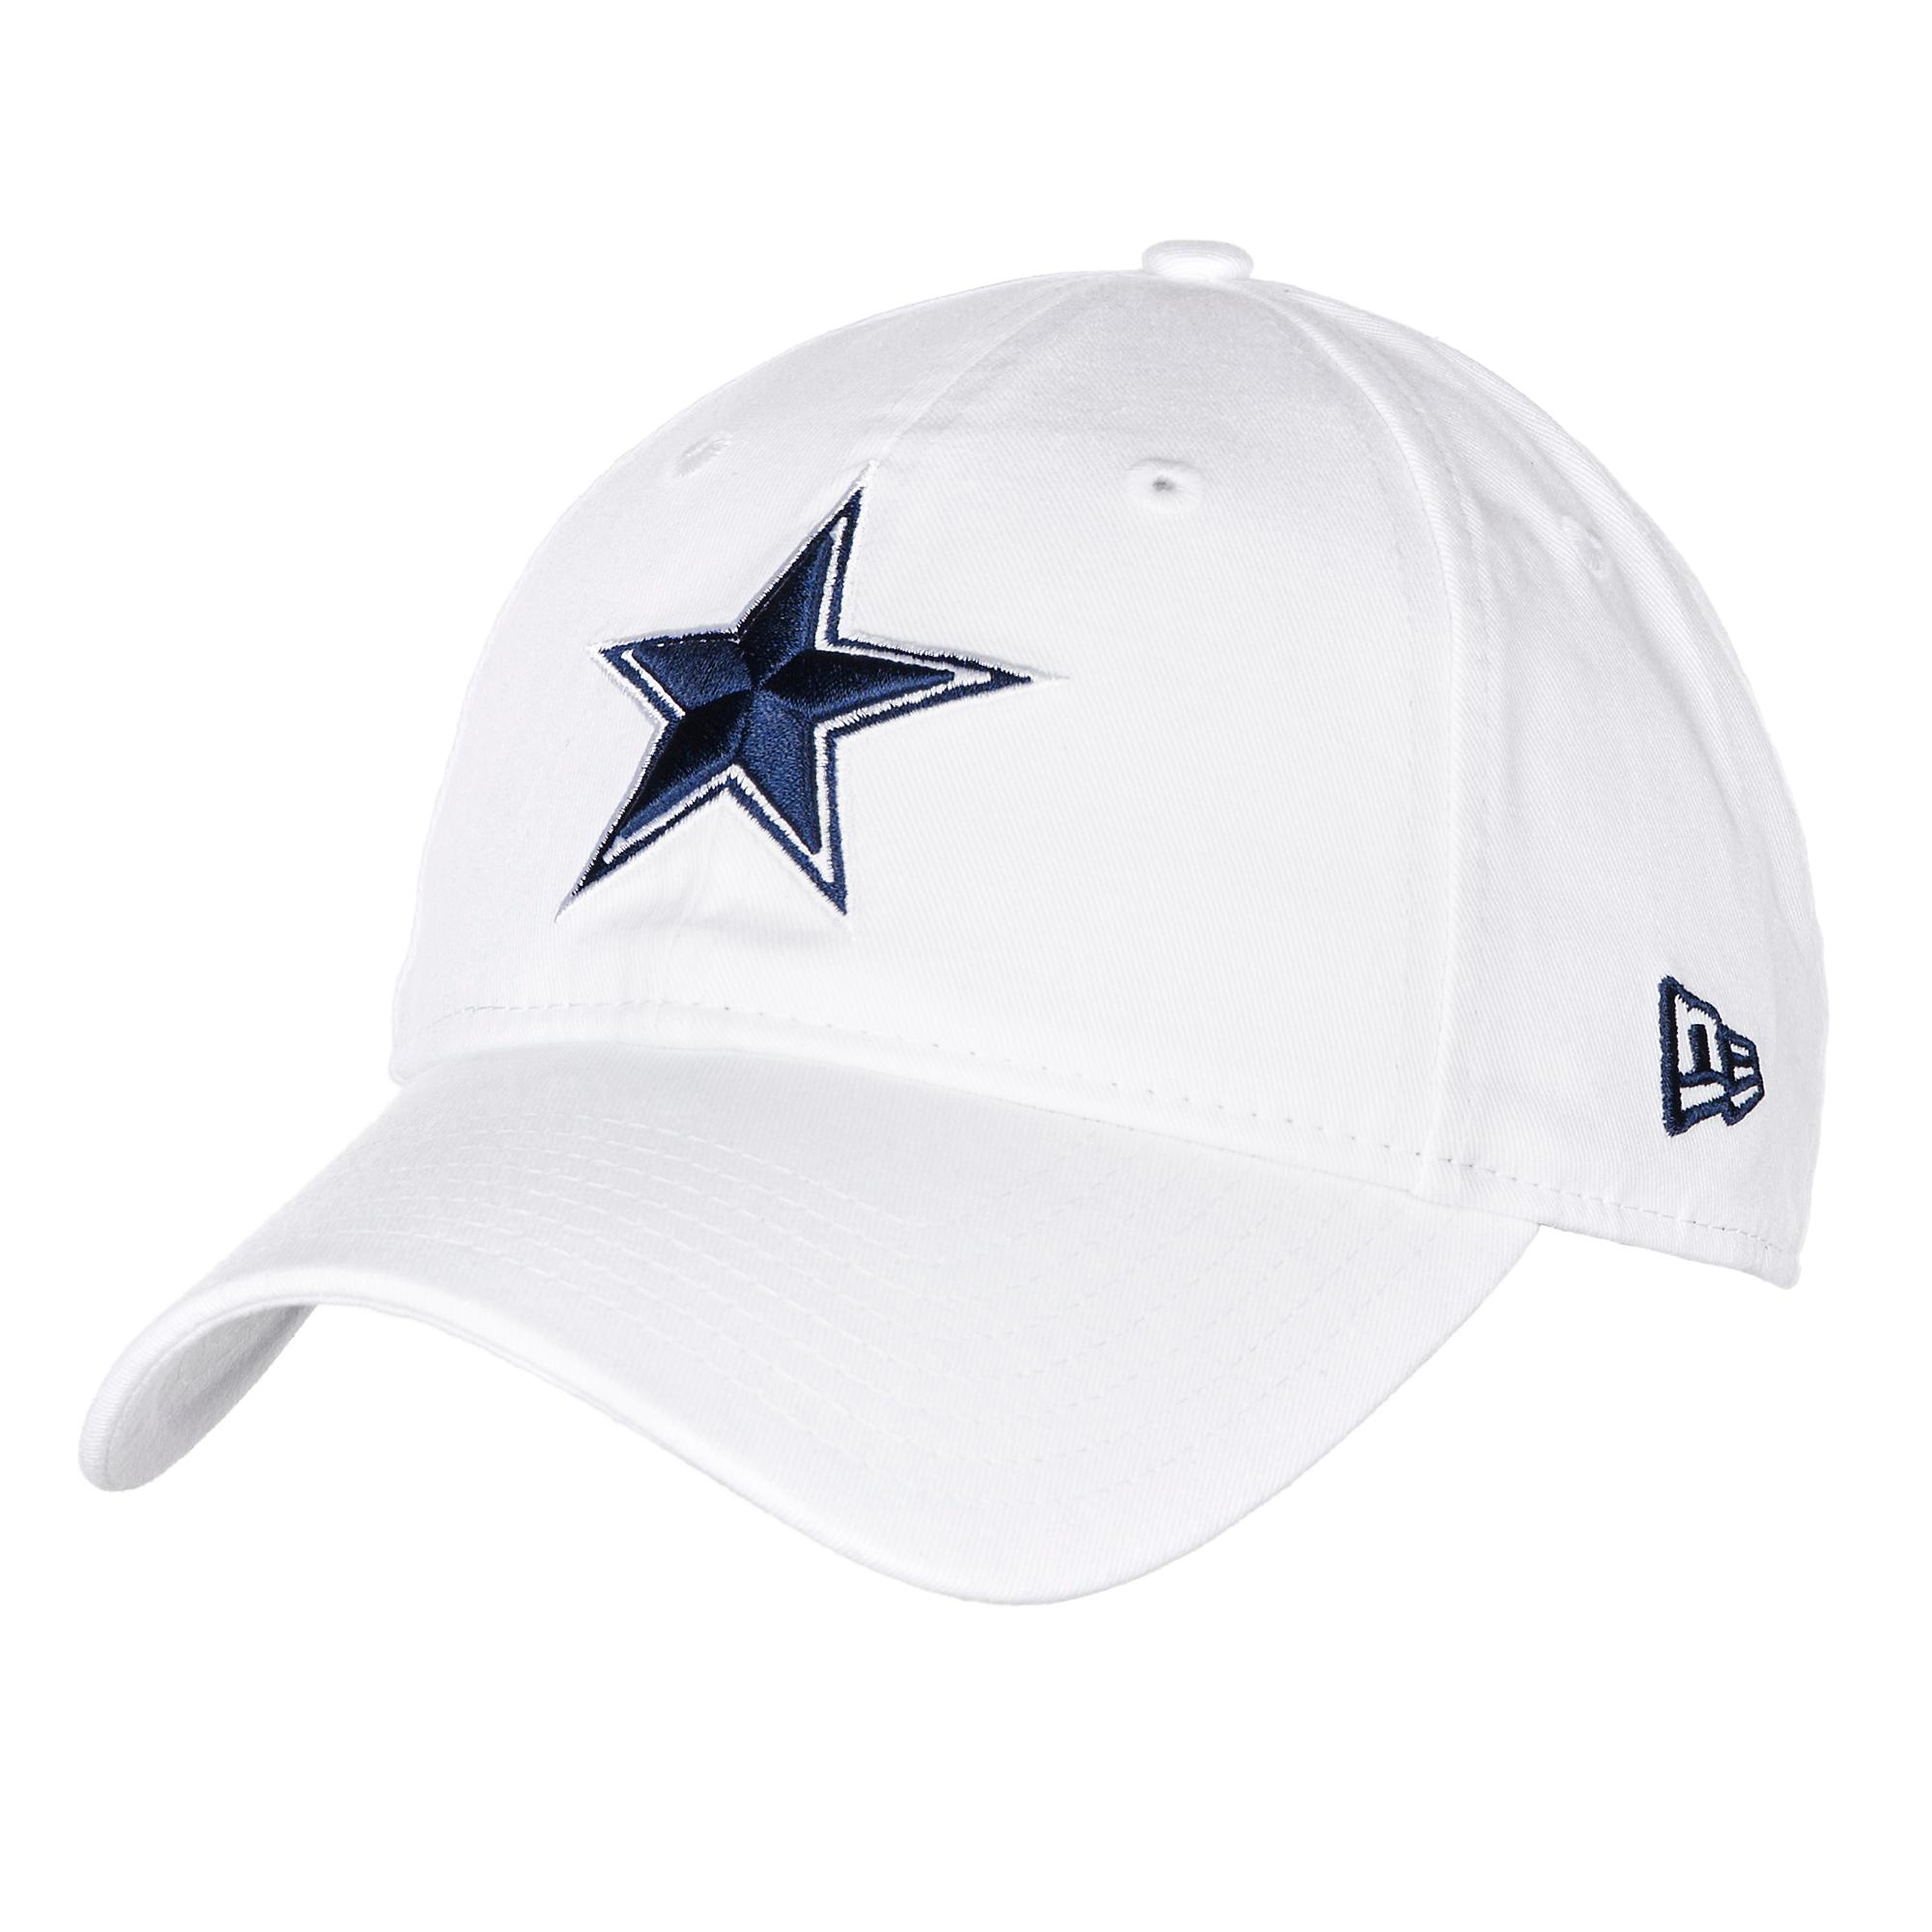 Dallas Cowboys New Era White Dak Prescott 9Twenty Cap